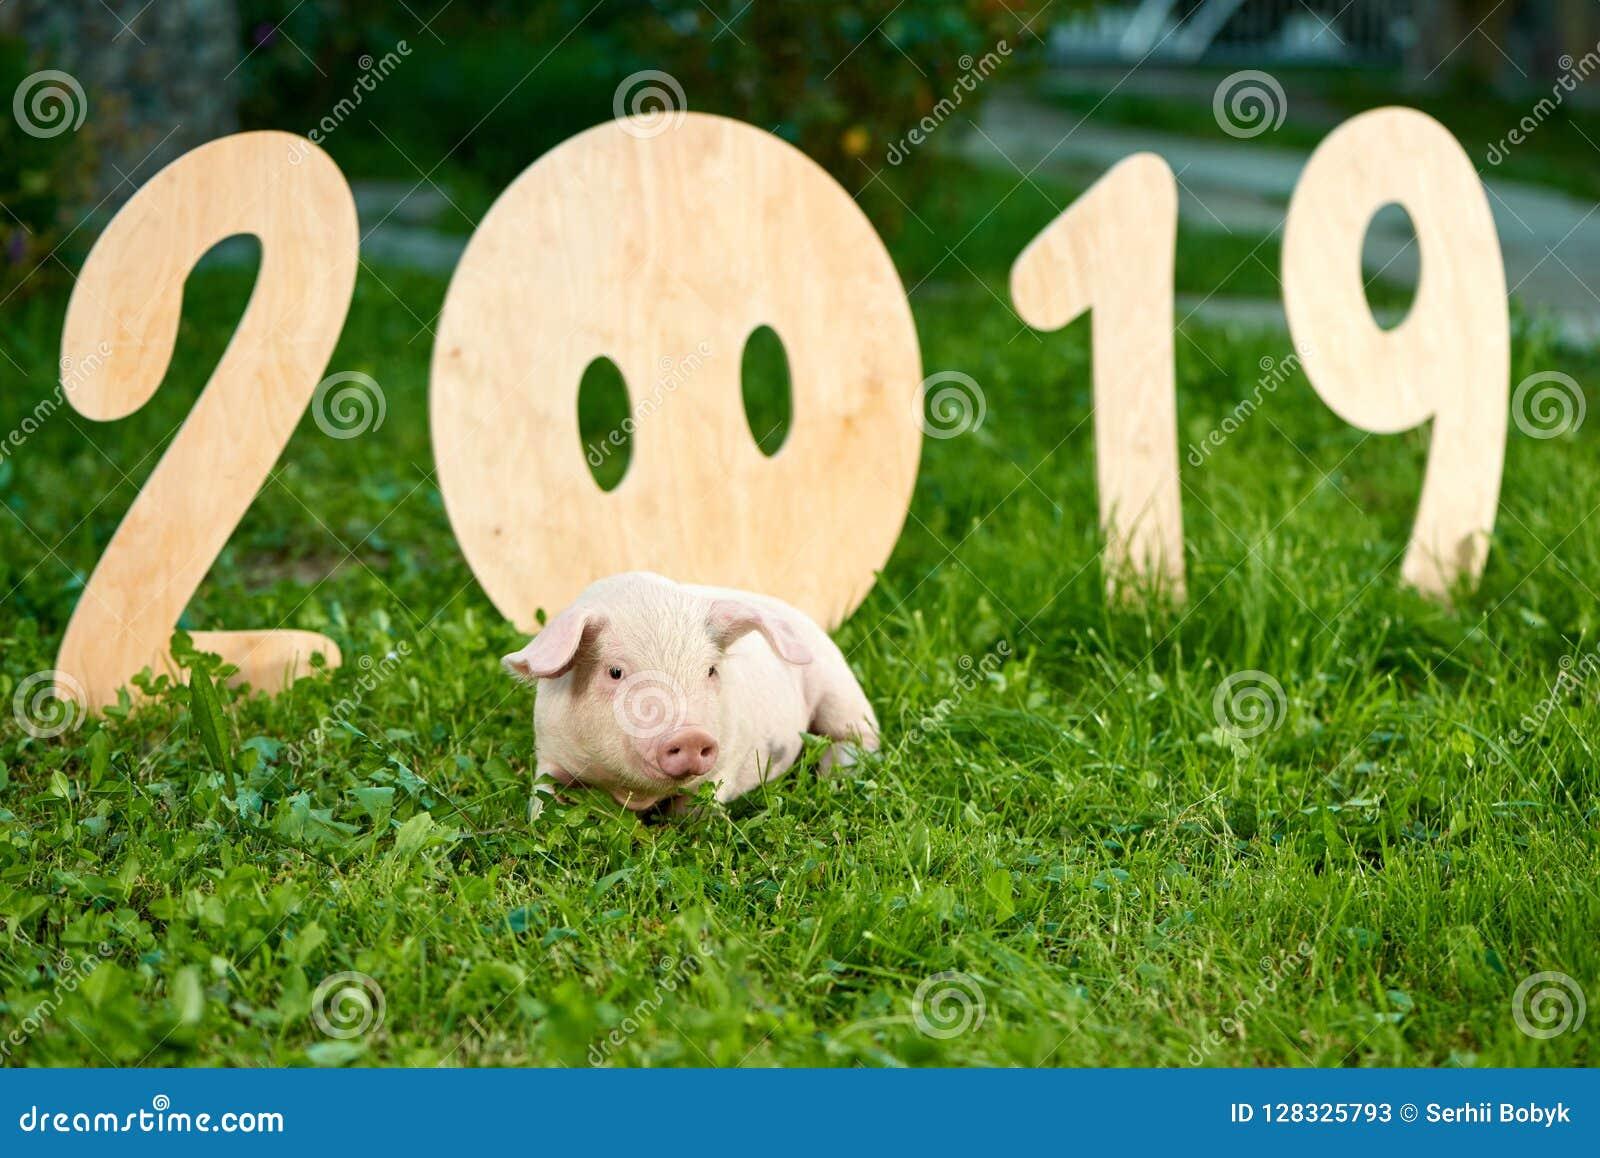 Cute piggy lying near decorative numerals of 2019.